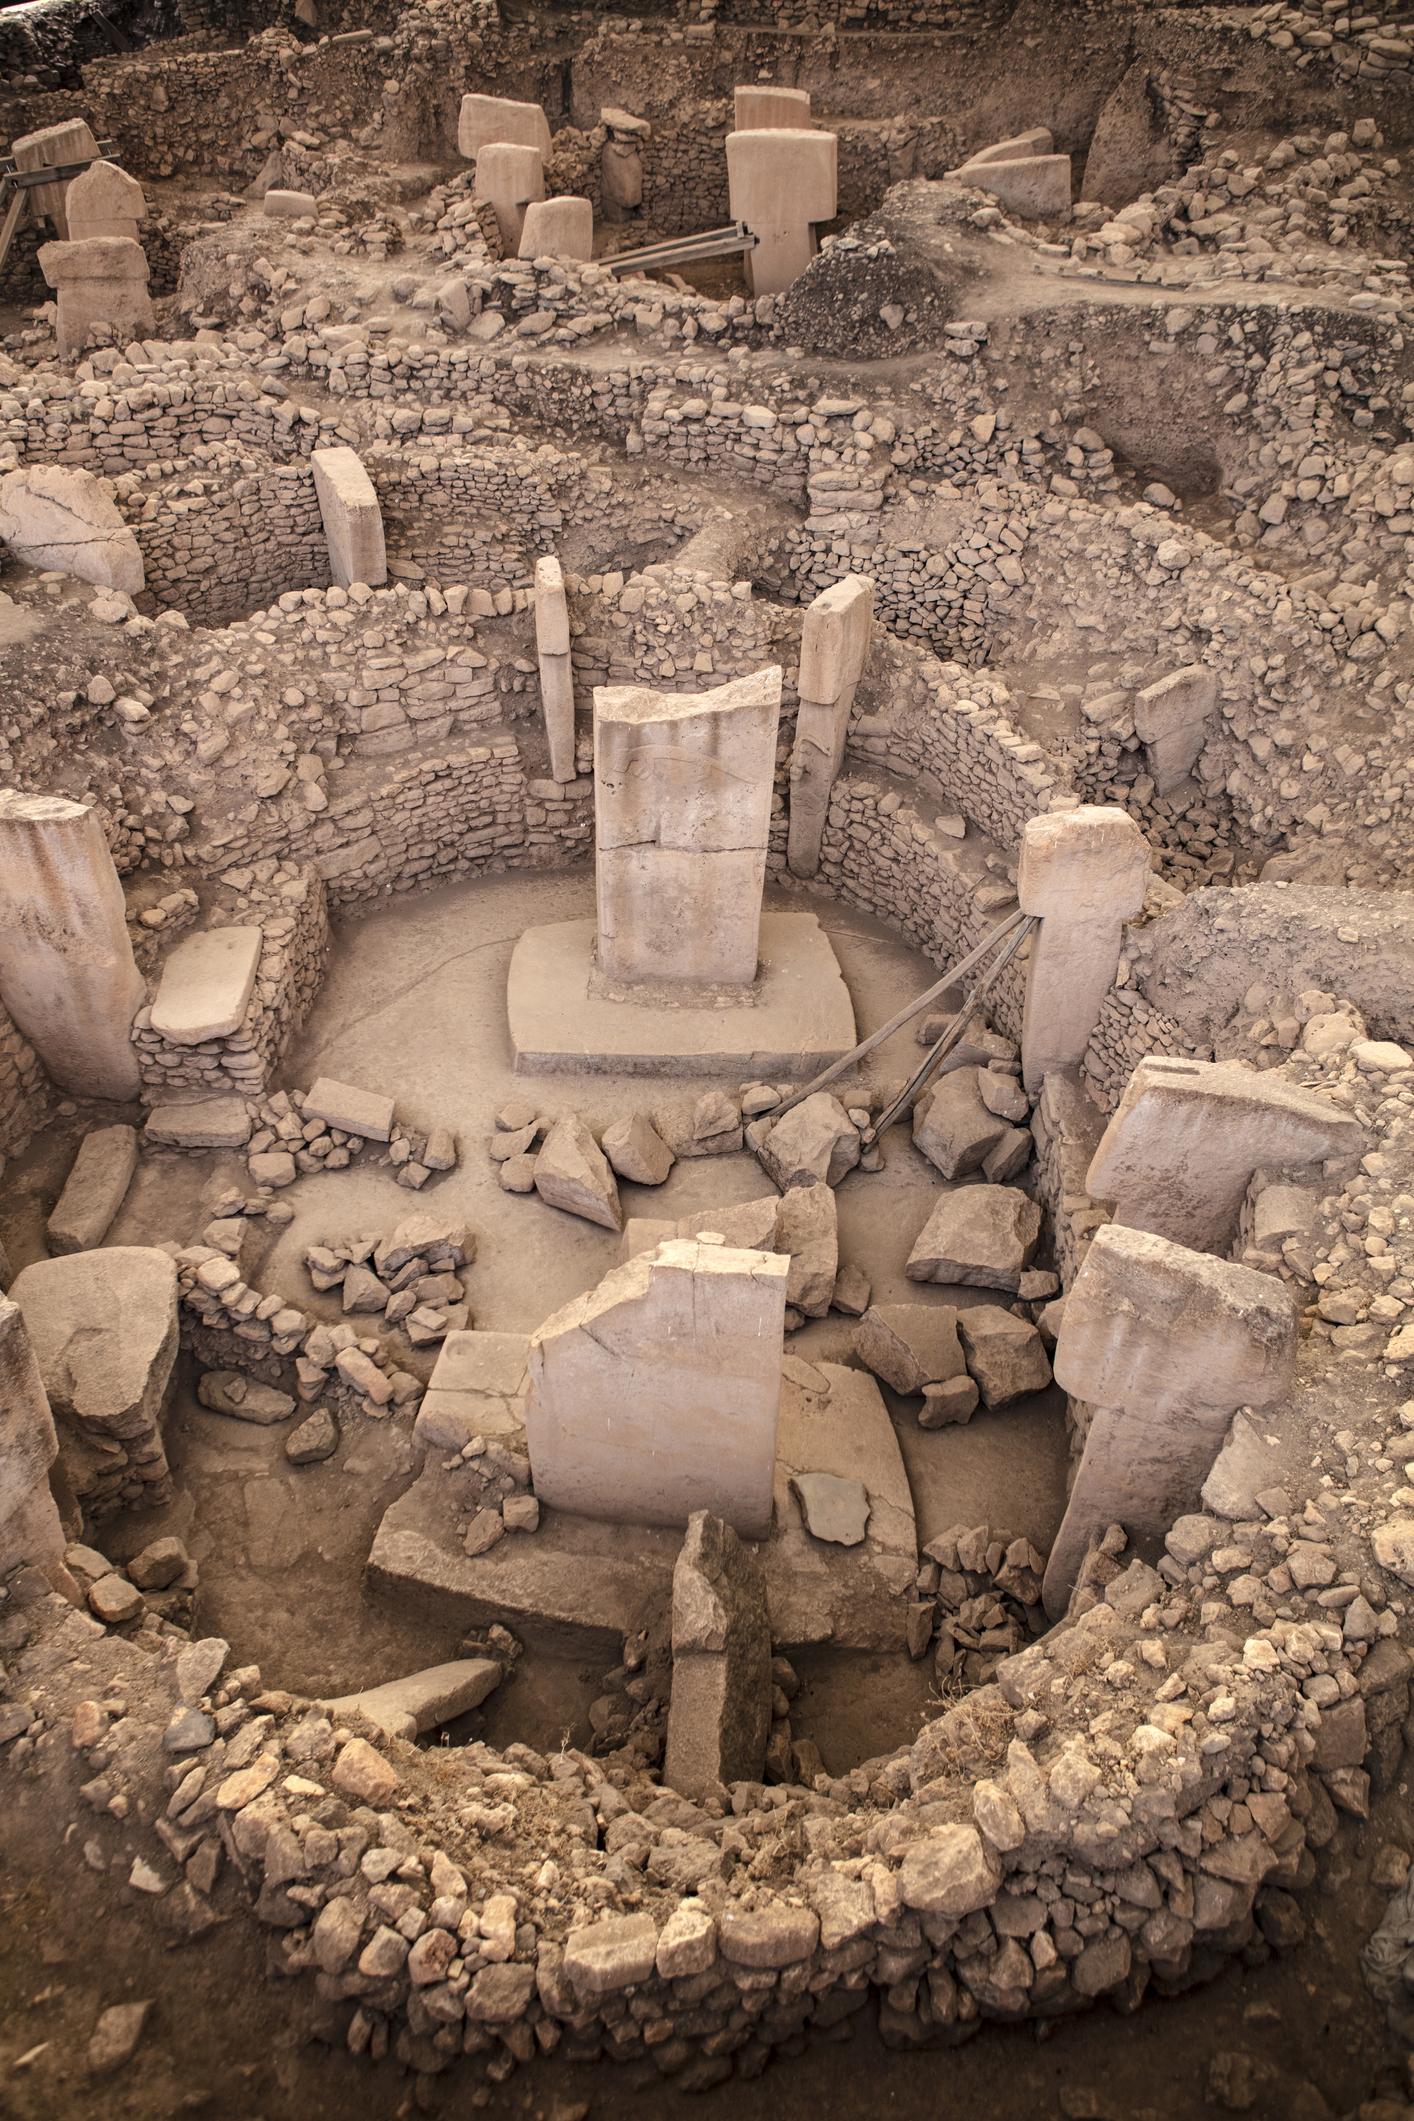 Melyik ősi építményt látod a képen?